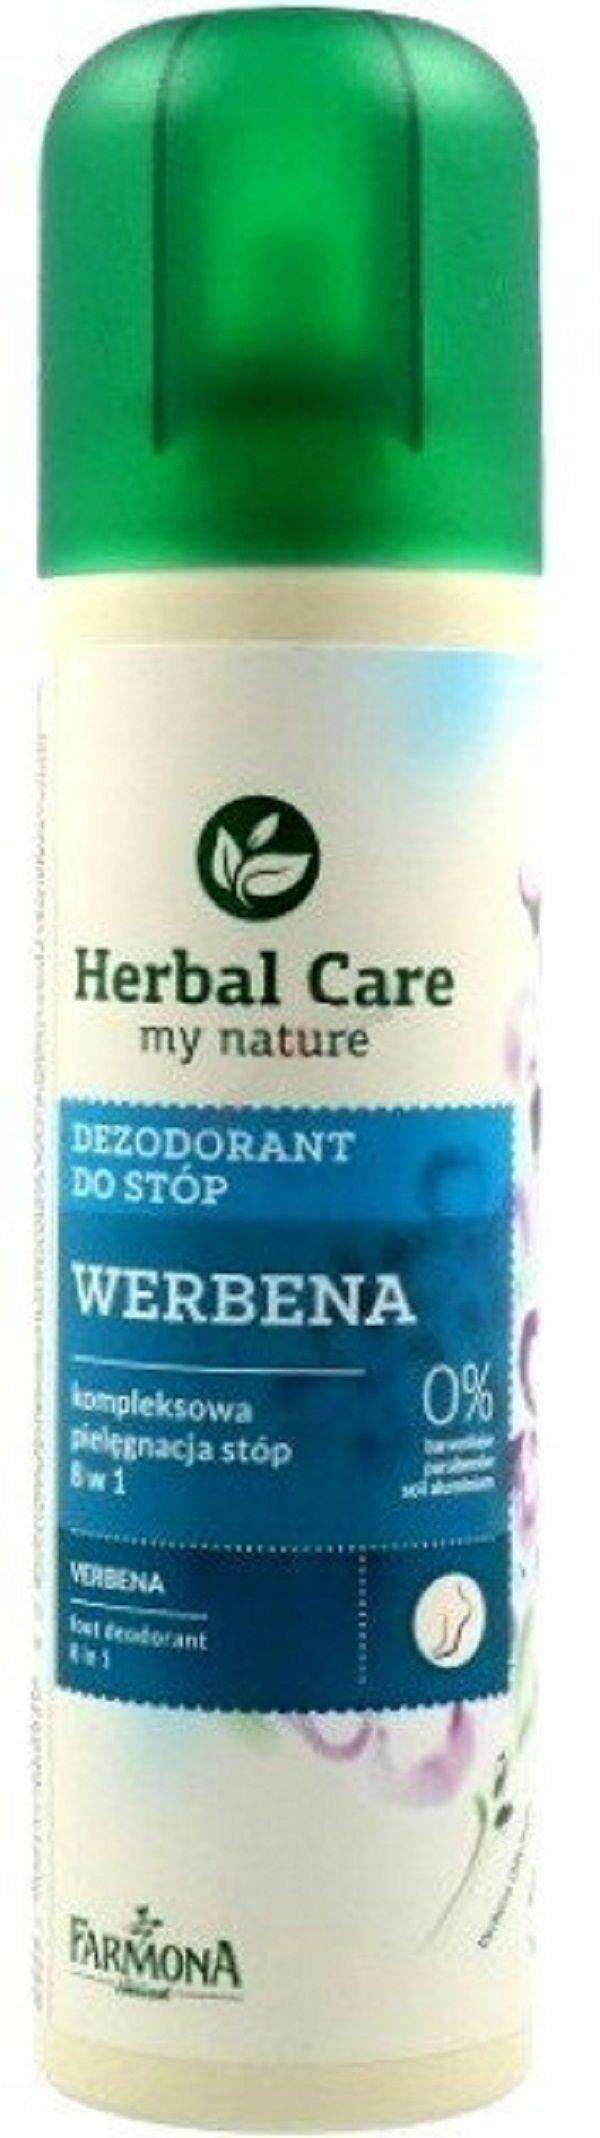 Farmona Herbal Care Werbena pielęgnacyjny dezodora